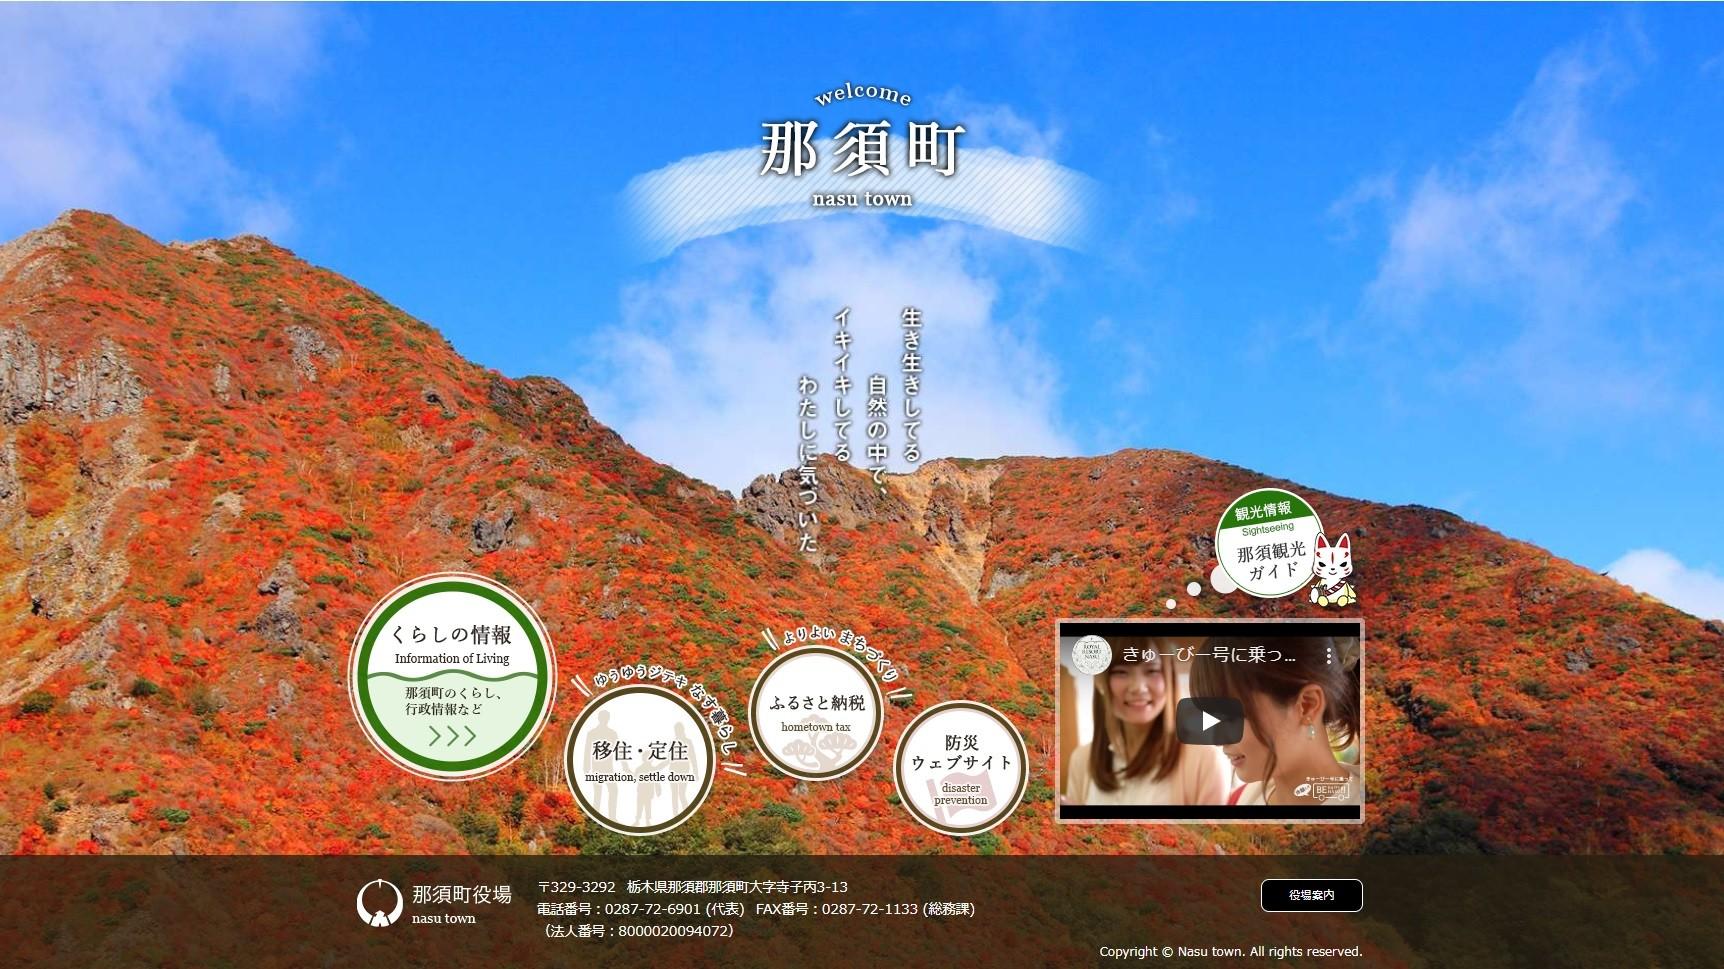 那須 町 ホームページ